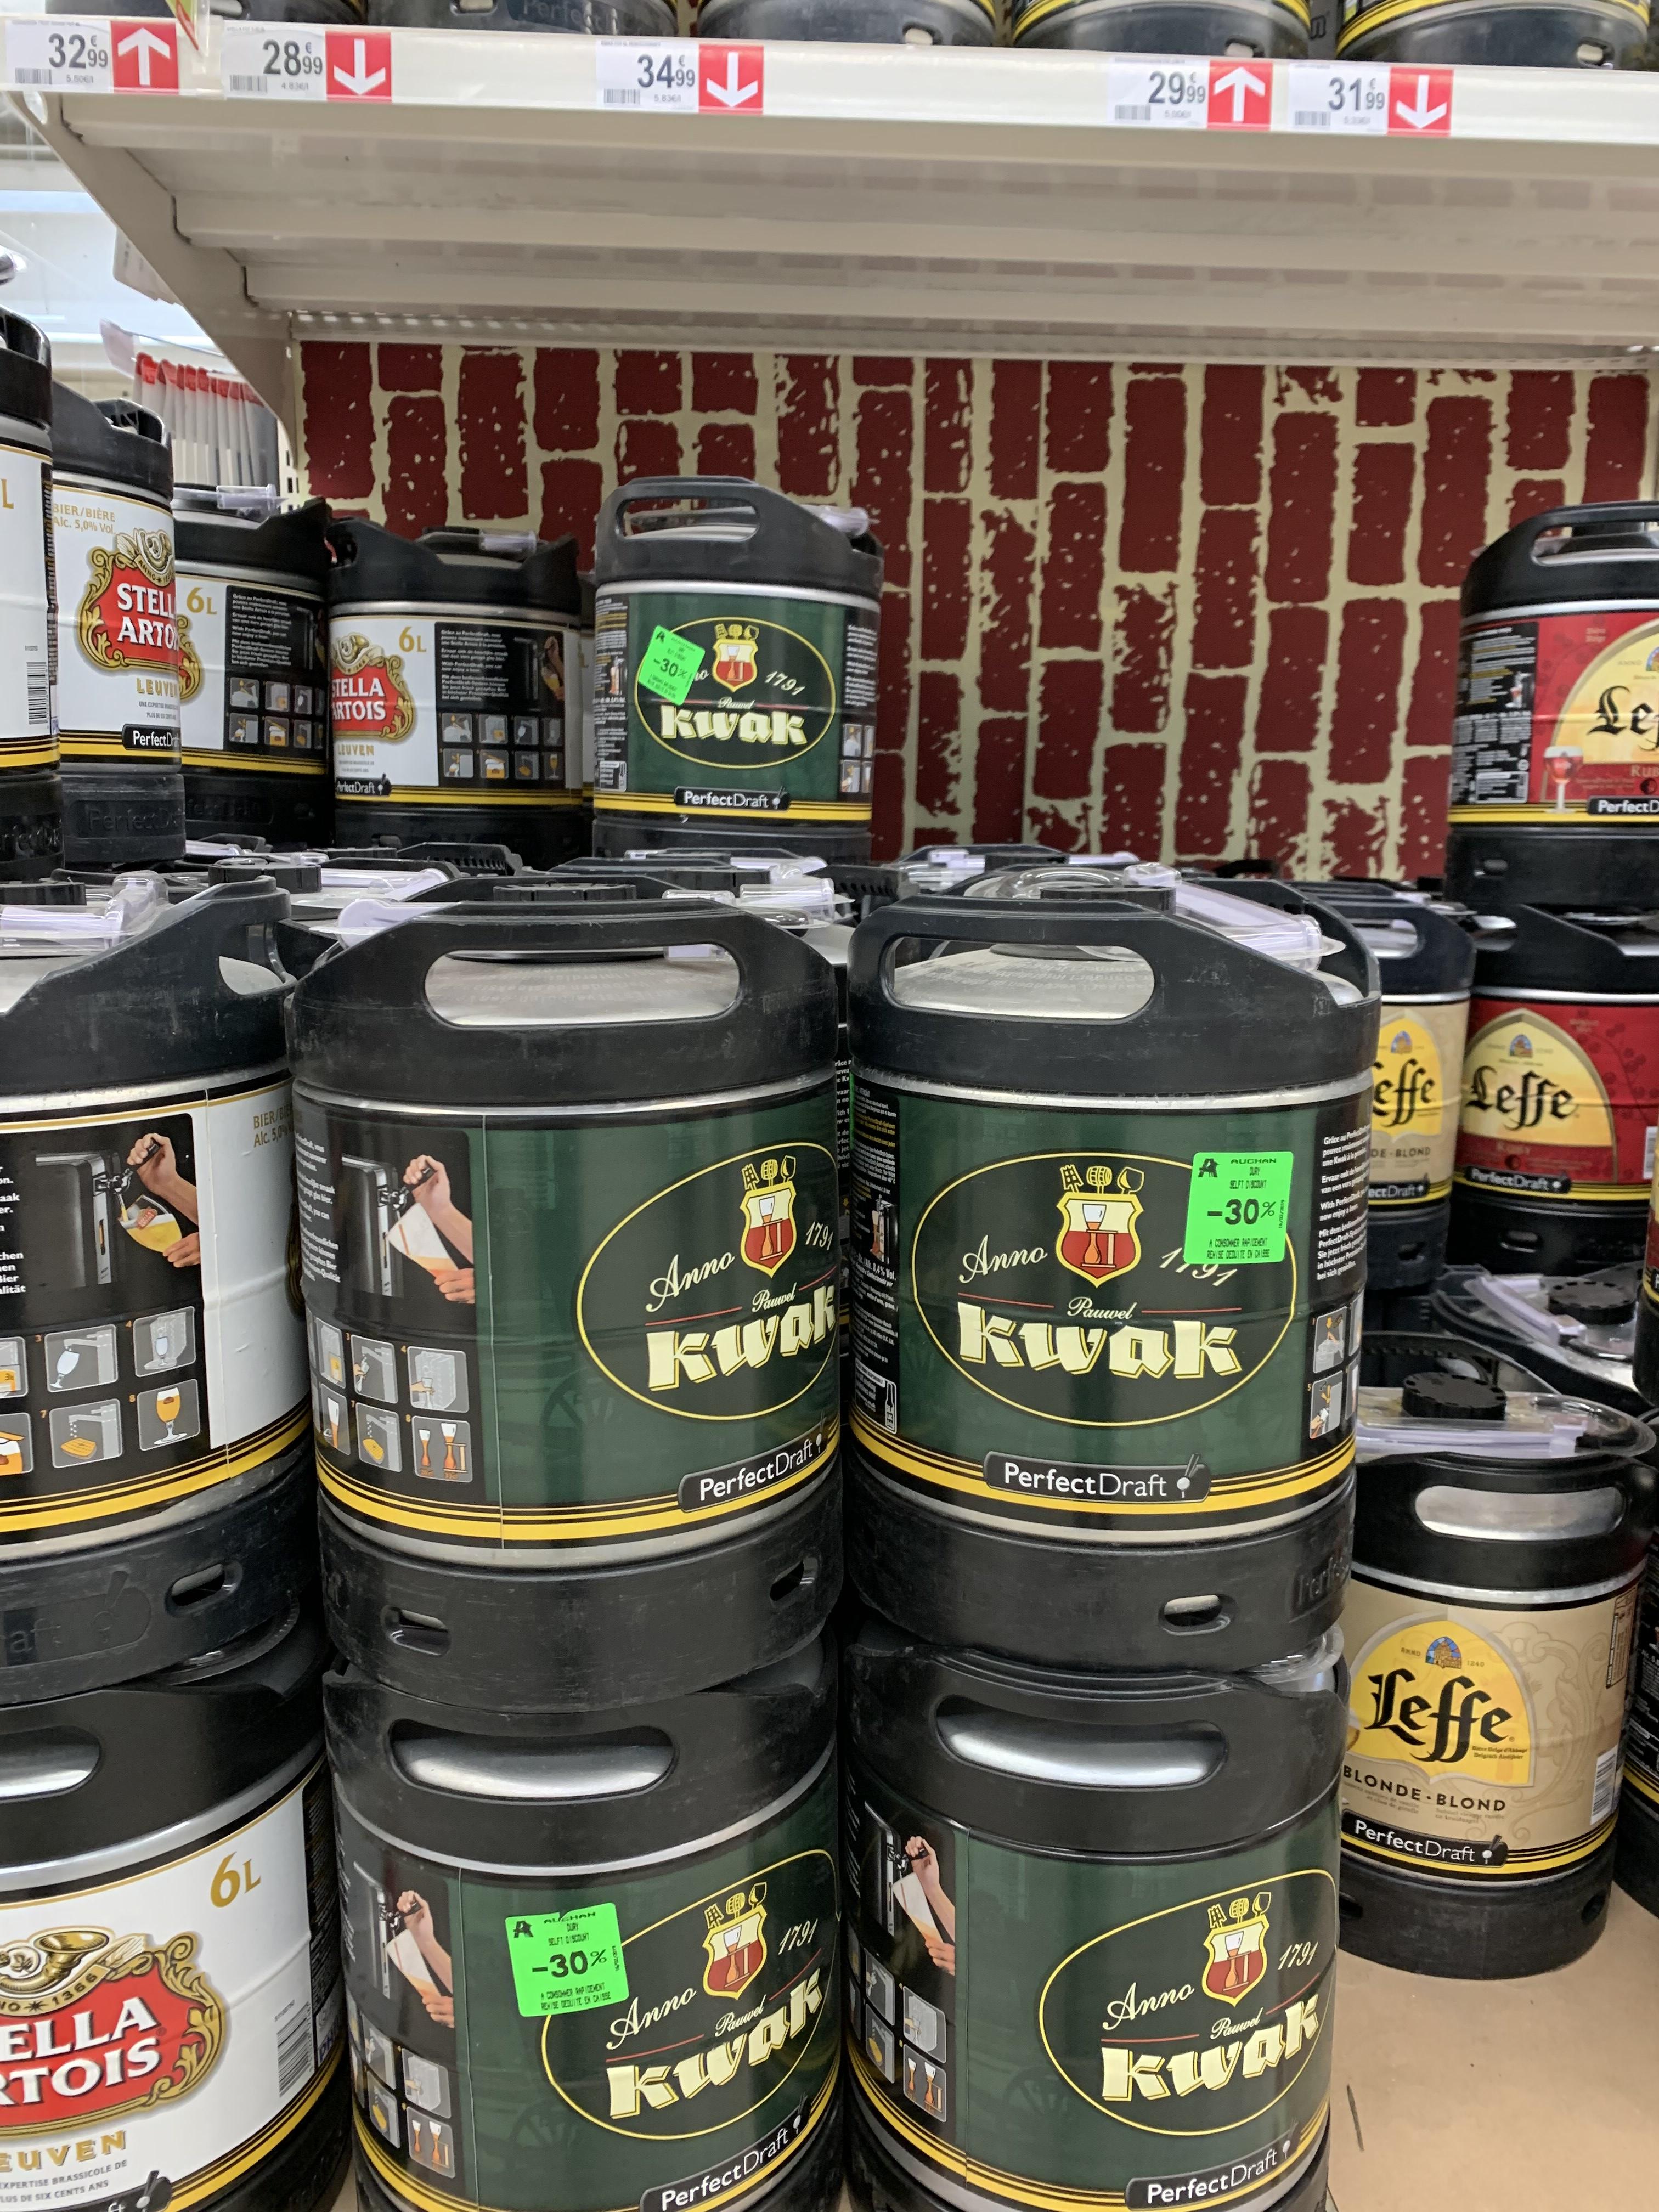 Fût de bière PerfectDraft Kwak - 6L (Amiens Dury 80)